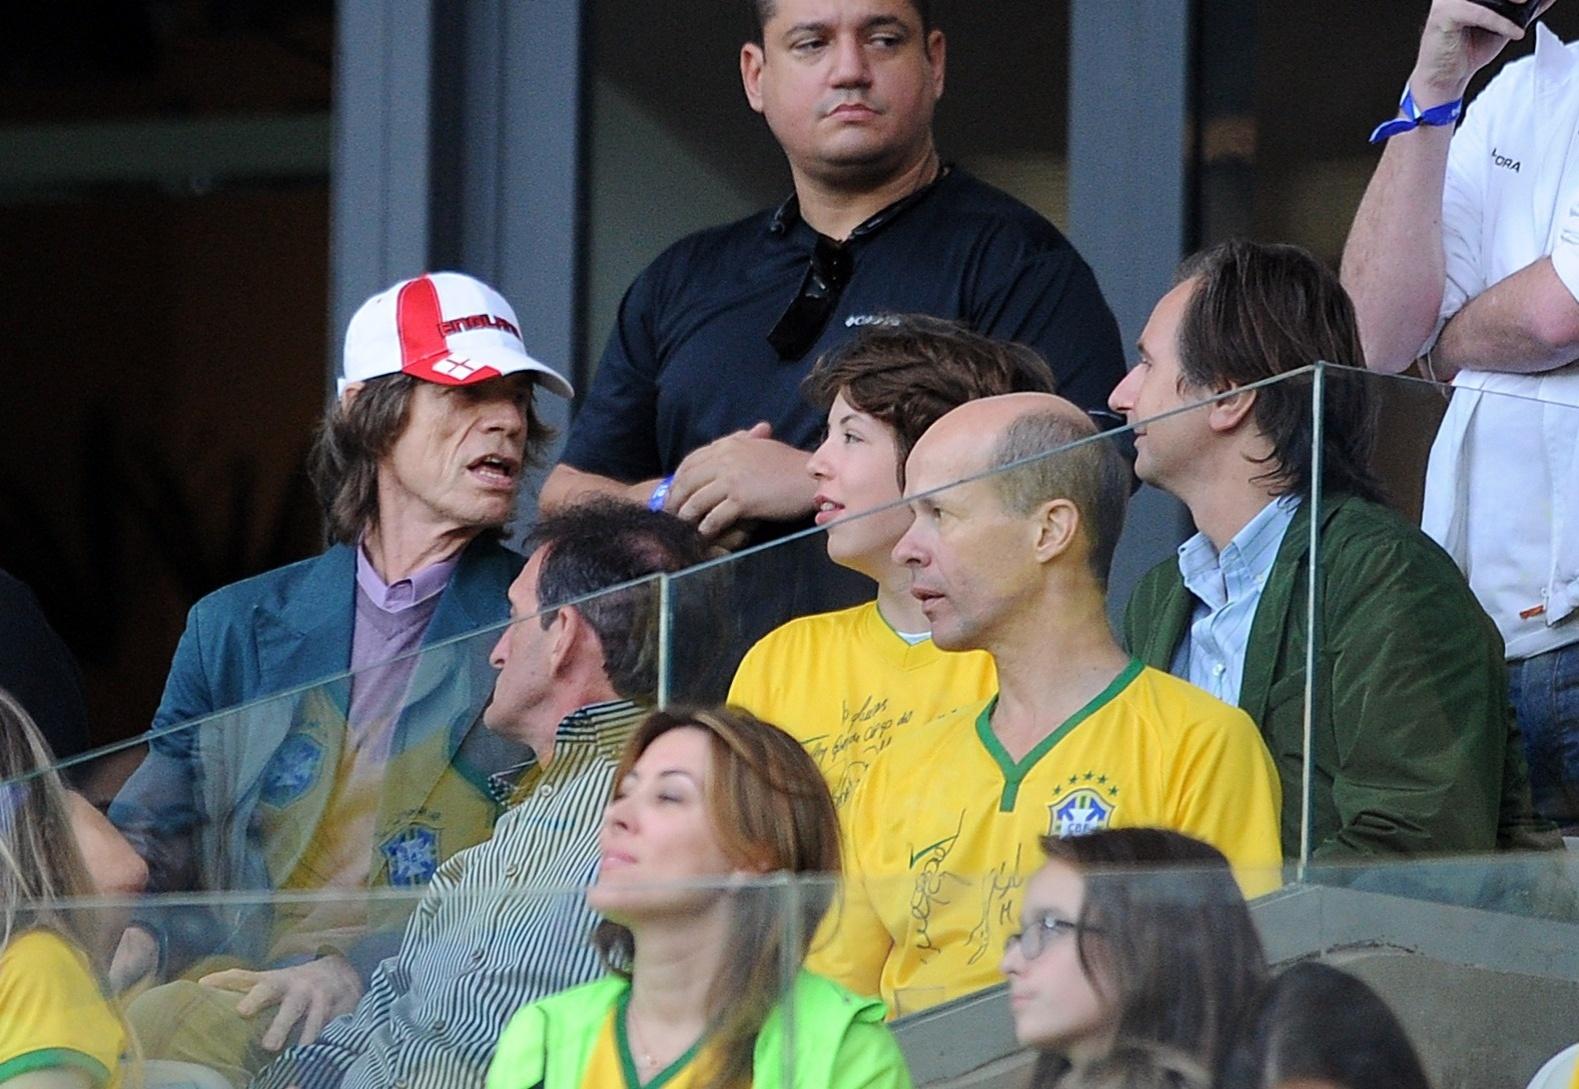 Mick Jagger, vocalista da banda Rolling Stones, assiste ao jogo entre Brasil e Alemanha pelas semifinais da Copa do Mundo no Mineirão (08/07/2014)